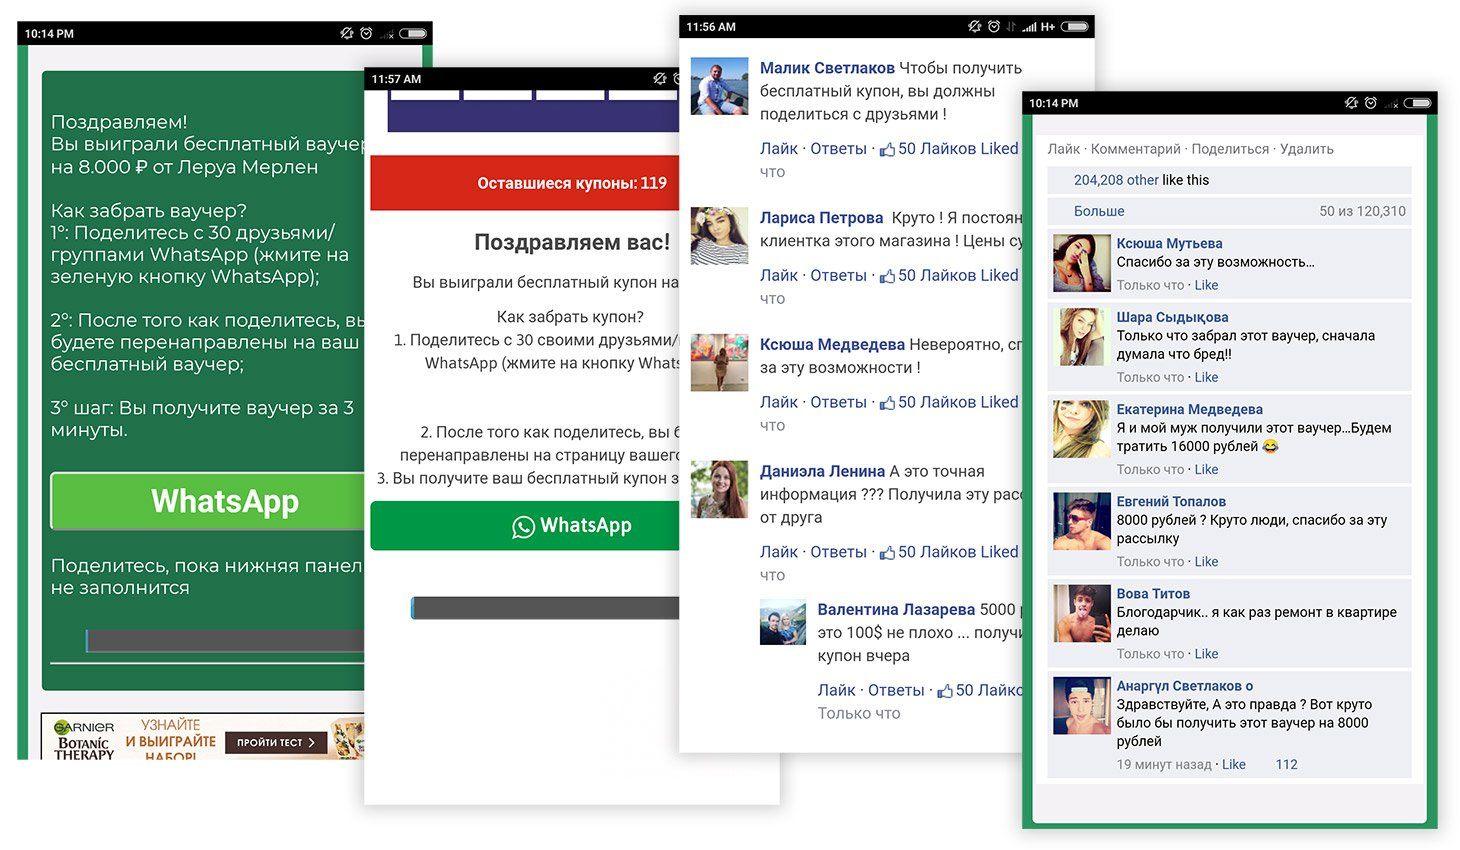 Вот так выглядят просьба поделиться акцией с контактами и поддельные комментарии на странице, подталкивающие к данным действиям